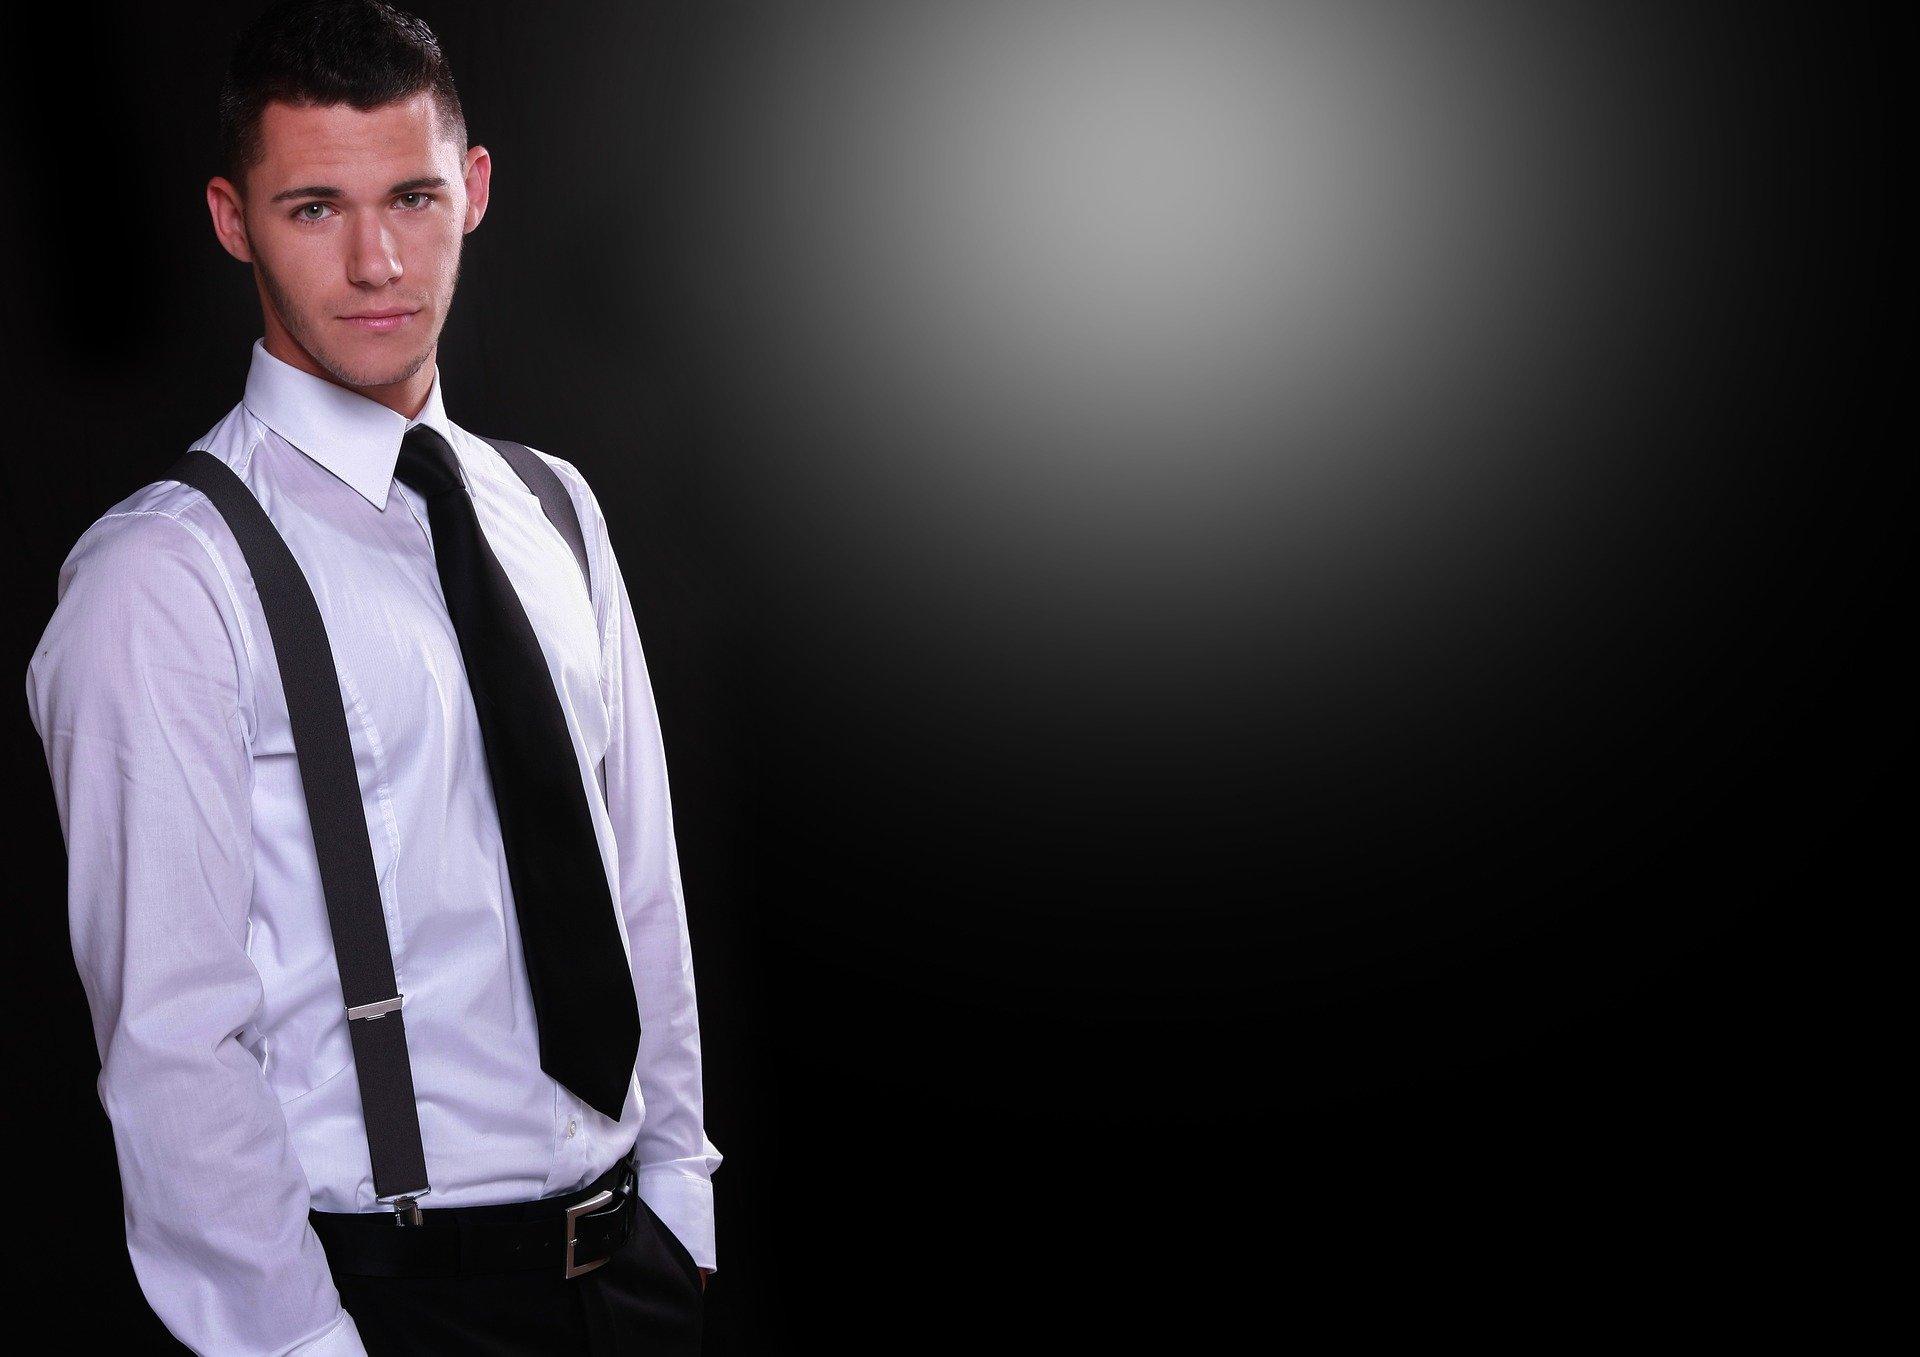 Suit at work Jackie van Beest Leiderschap jvbcoaching.com